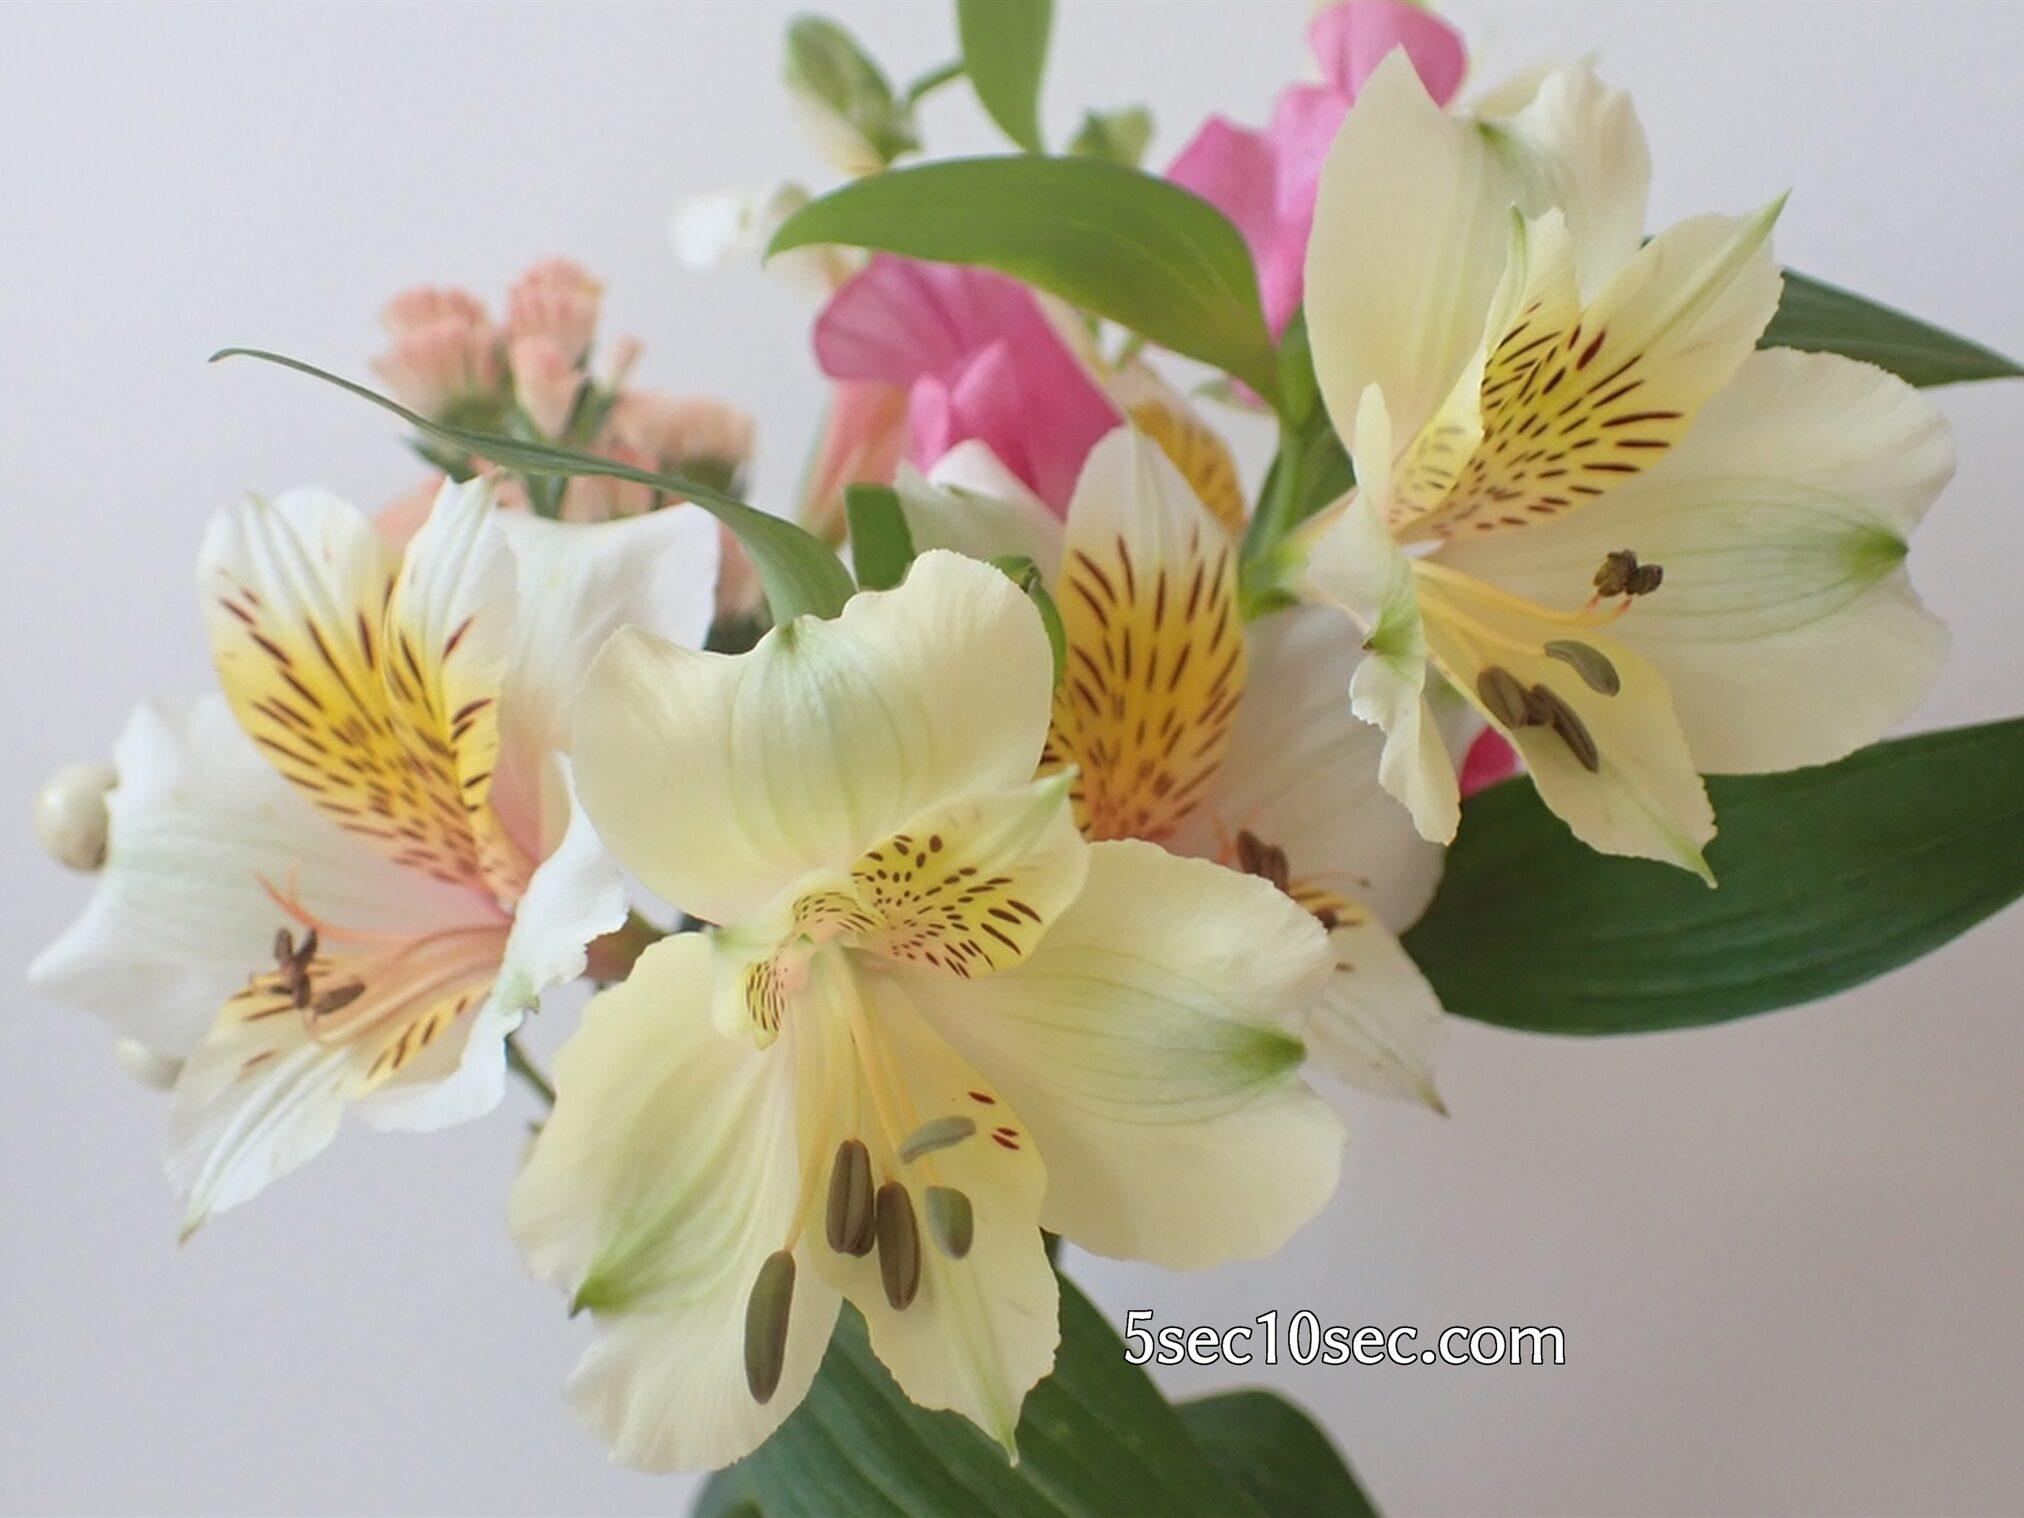 Bloomee LIFE(ブルーミーライフ)レギュラープラン 前回のお花のアルストロメリアのつぼみが開いて、いつの間にかお花が増えていた